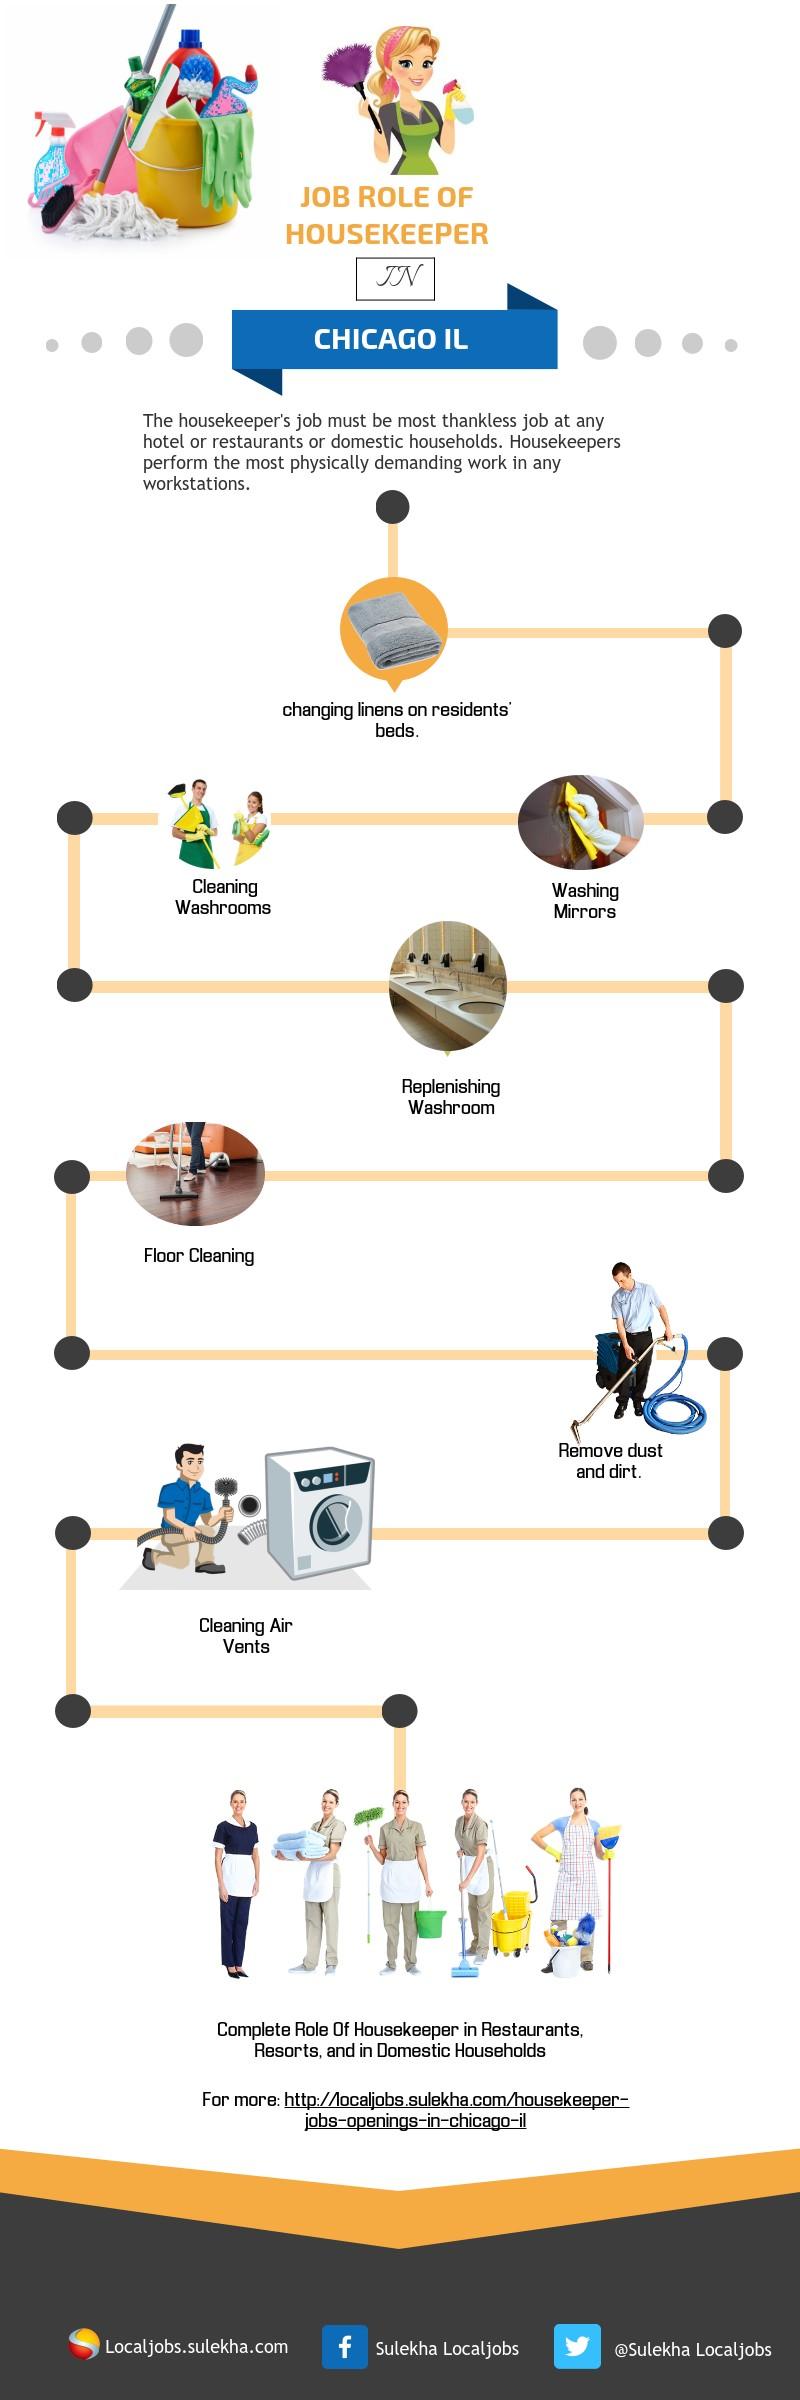 Job Role of HousekeeperInChicago Housekeeping, Job